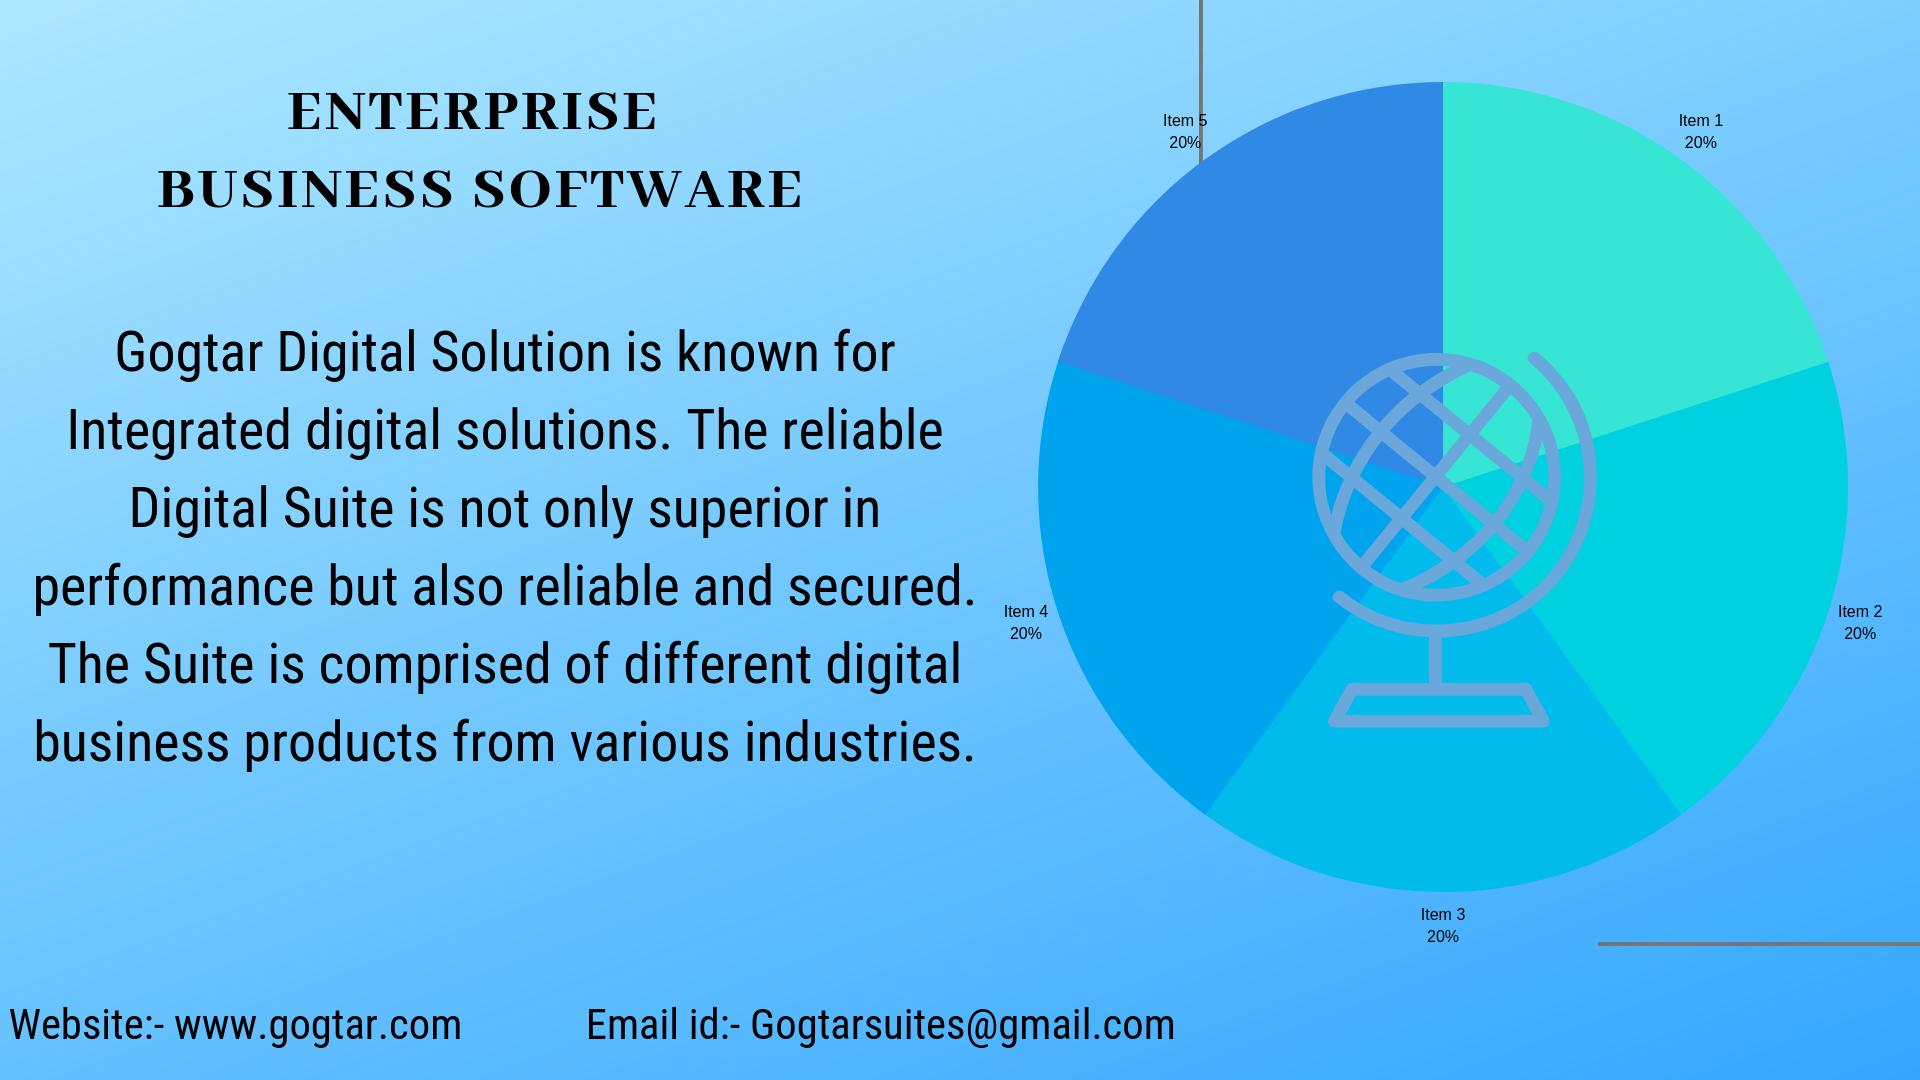 Human Resource Management Digital Asset Management Enterprise Business Human Resource Management